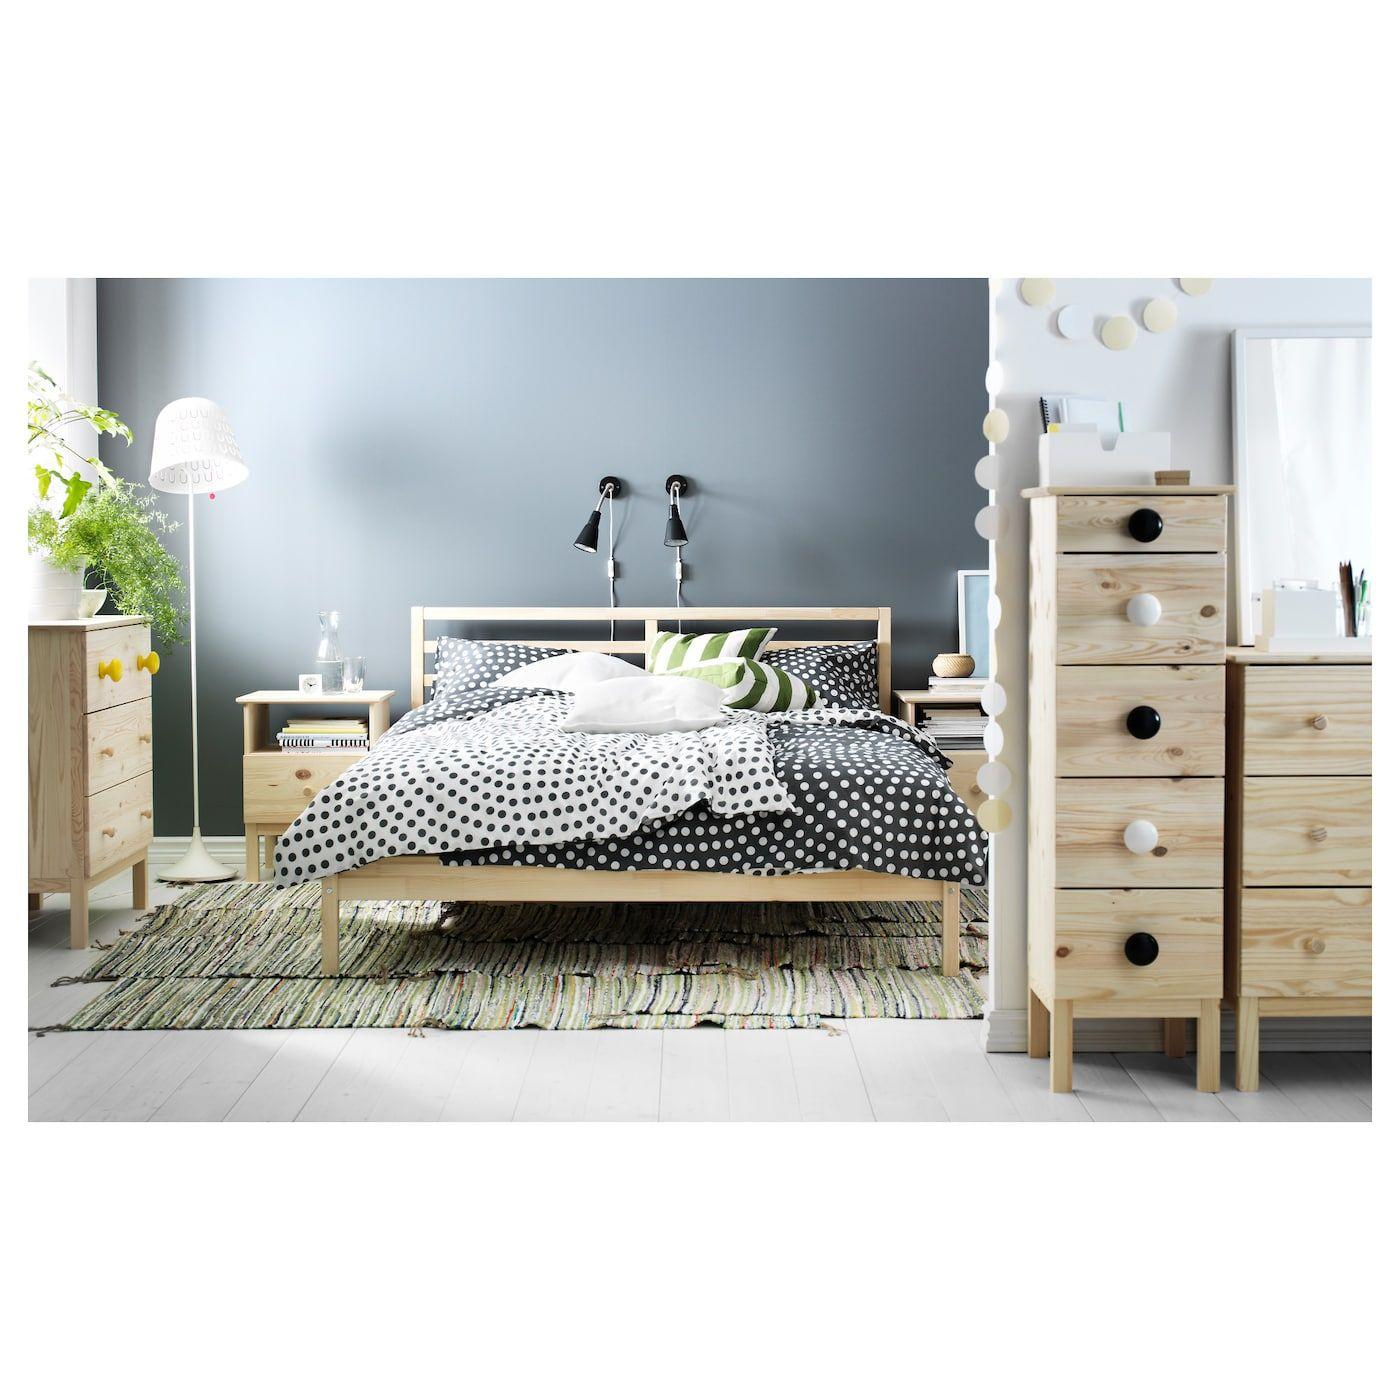 Tarva Bedframe Grenen Luroy 160x200 Cm Ikea Slaapkamer Slaapkamerdesigns Ideeen Voor Thuisdecoratie